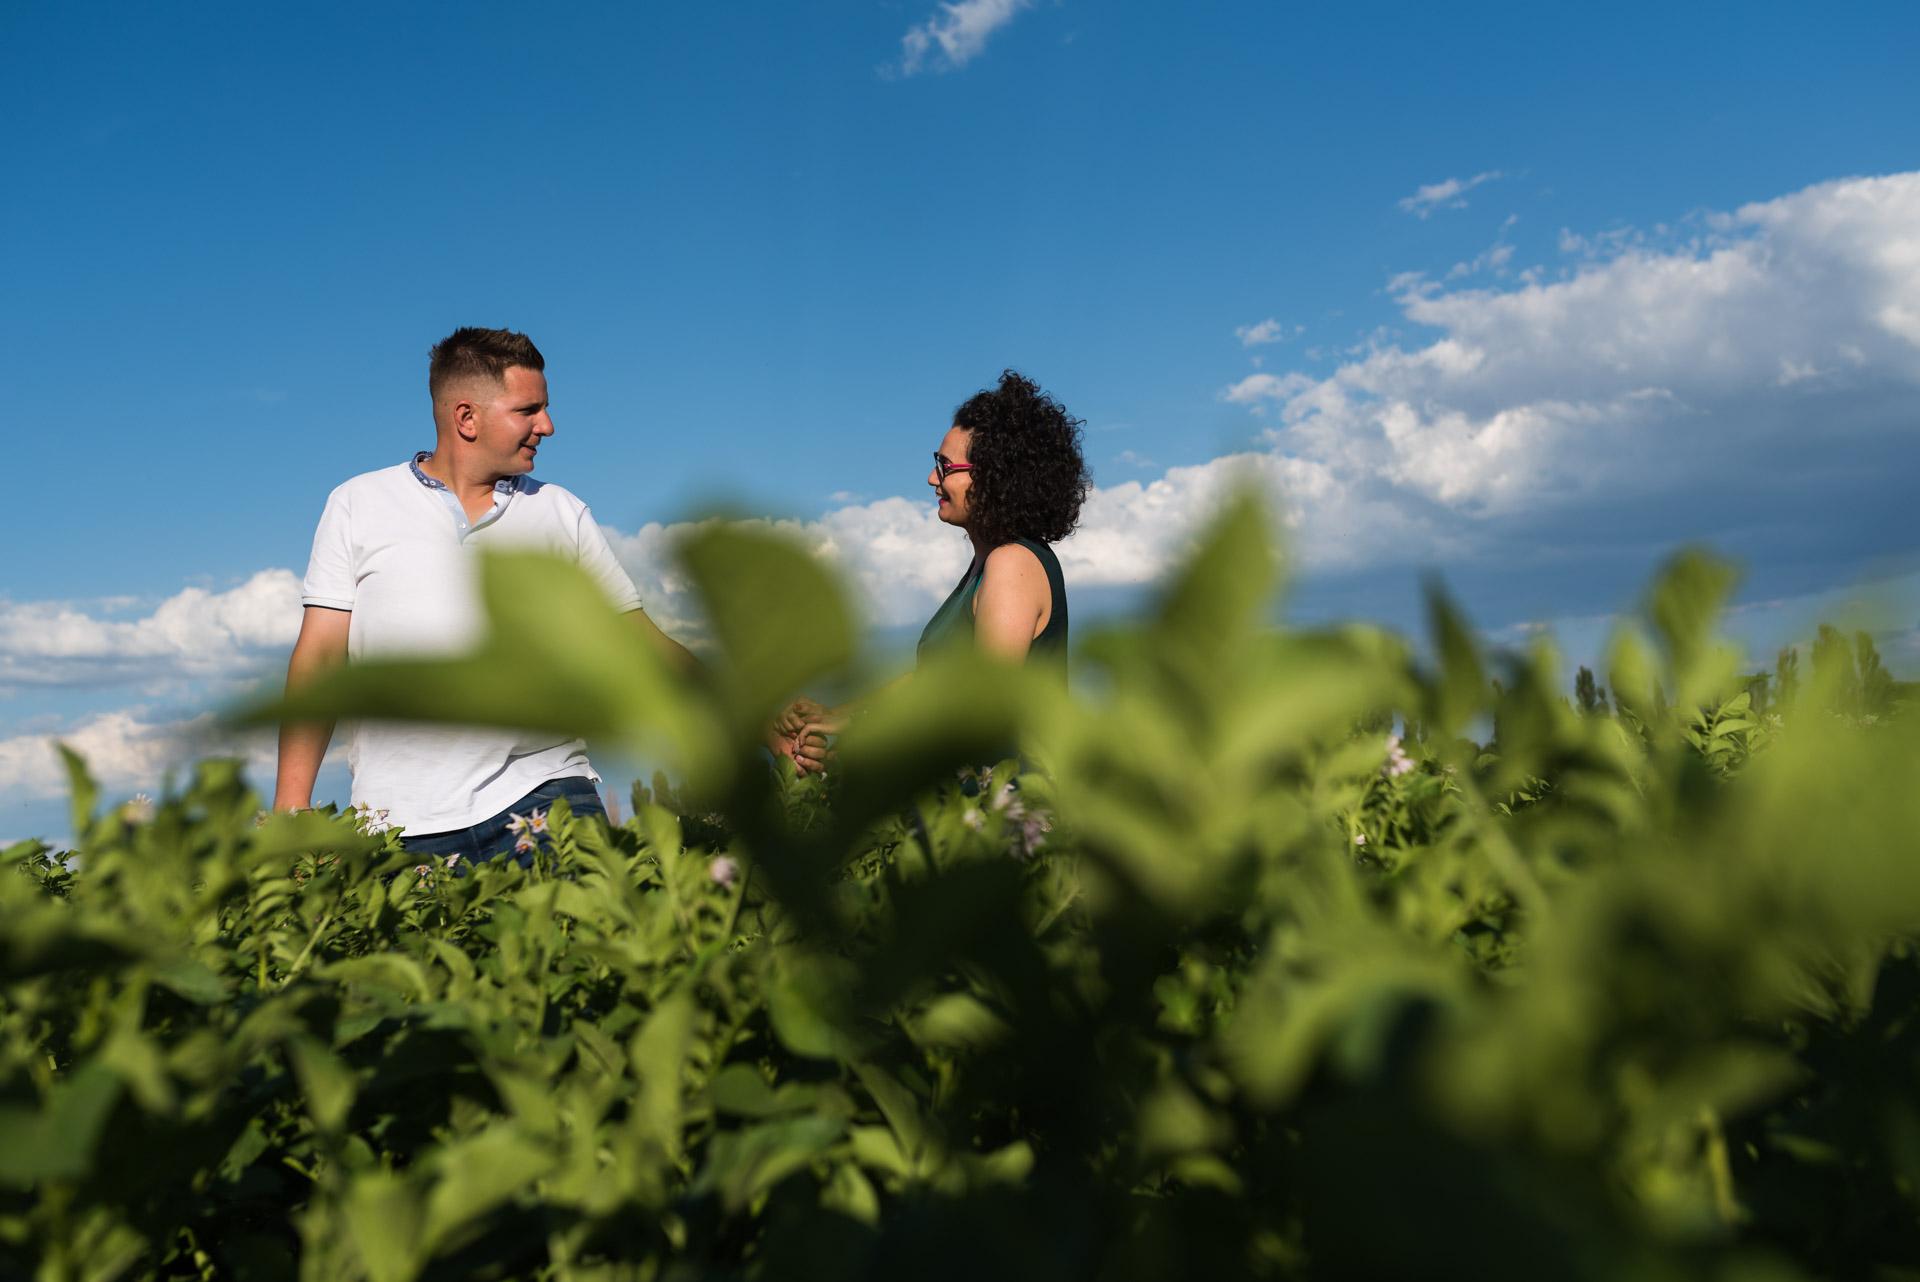 Fotografía de parejas, creativa y sentimental